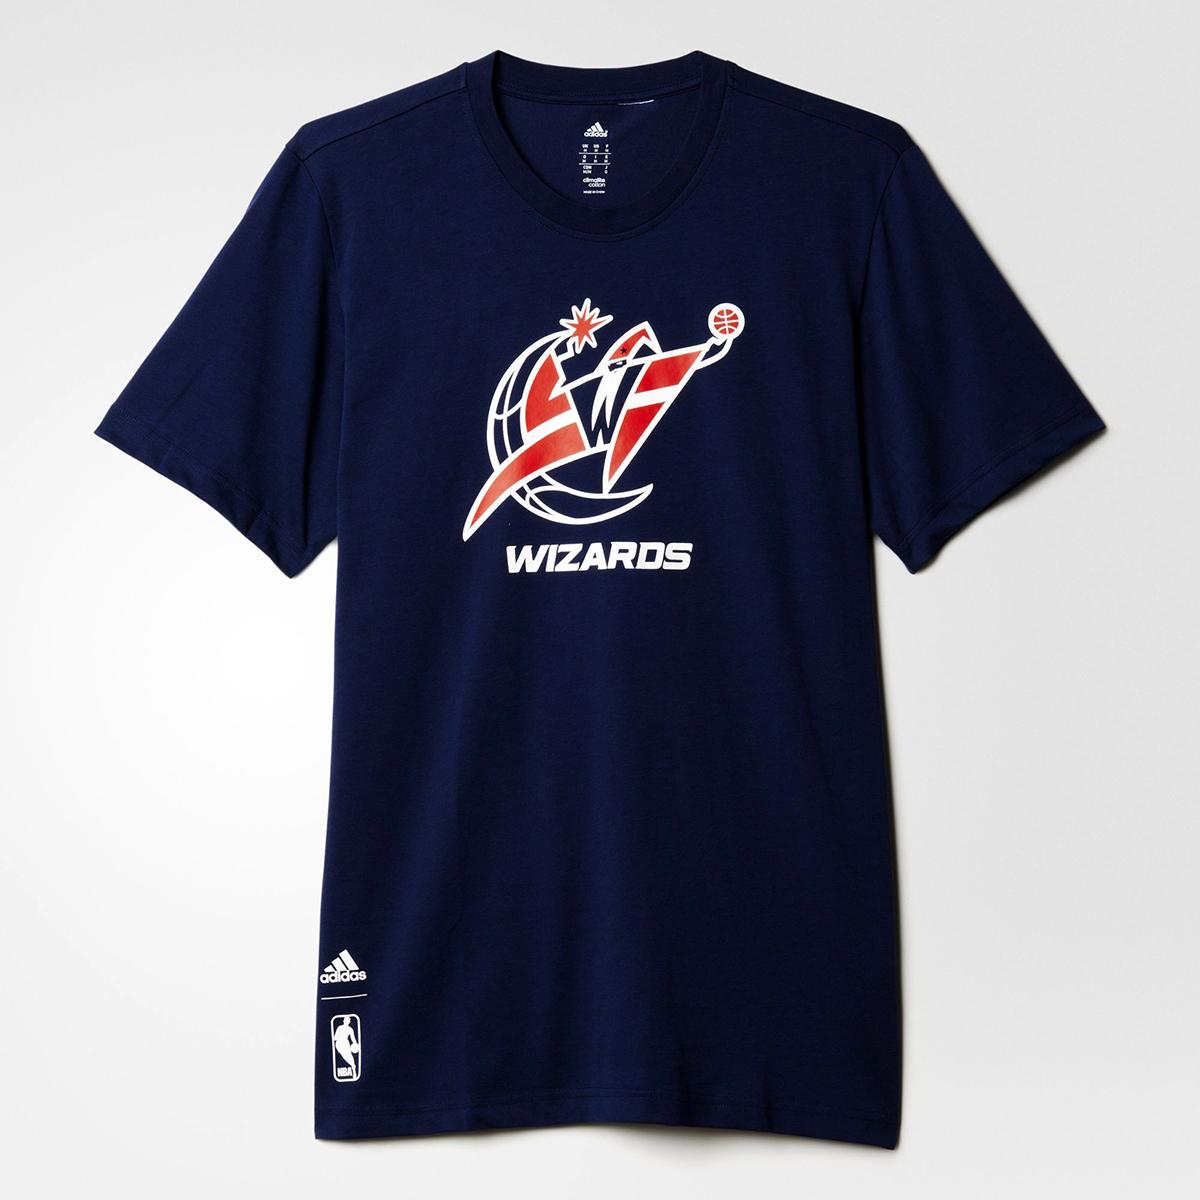 adidas NBA Washington Wizards Fanwear Tee - NBA Shop Washington Wizards  Merchandise - Superfanas.lt 4b87691f7